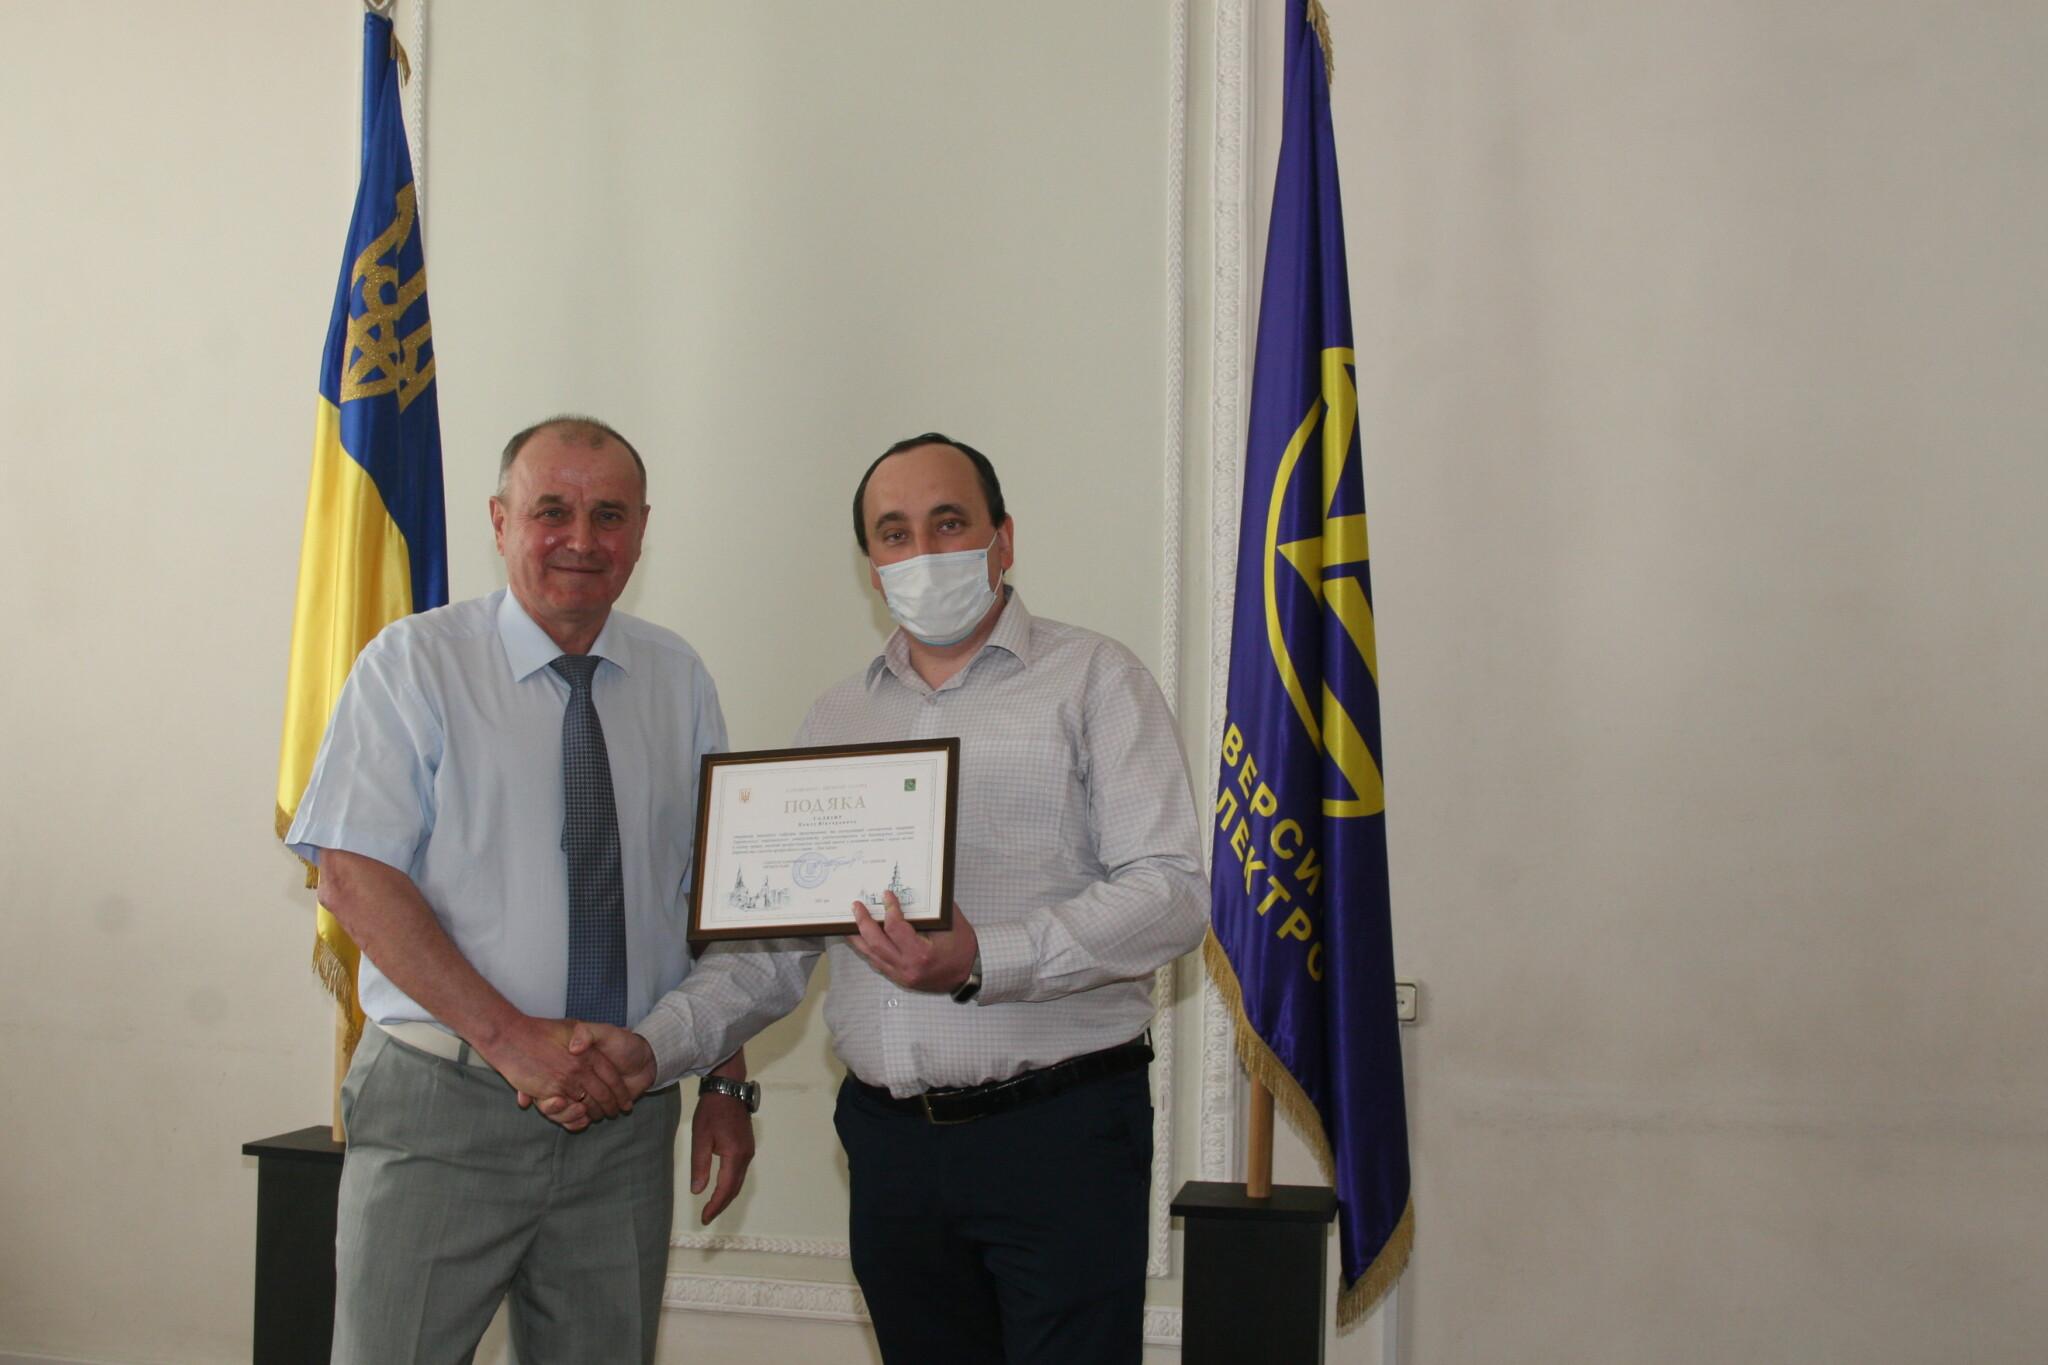 Старший викладач кафедри ПЕЕА Галкін Павло отримав Подяку міського голови міста Харків